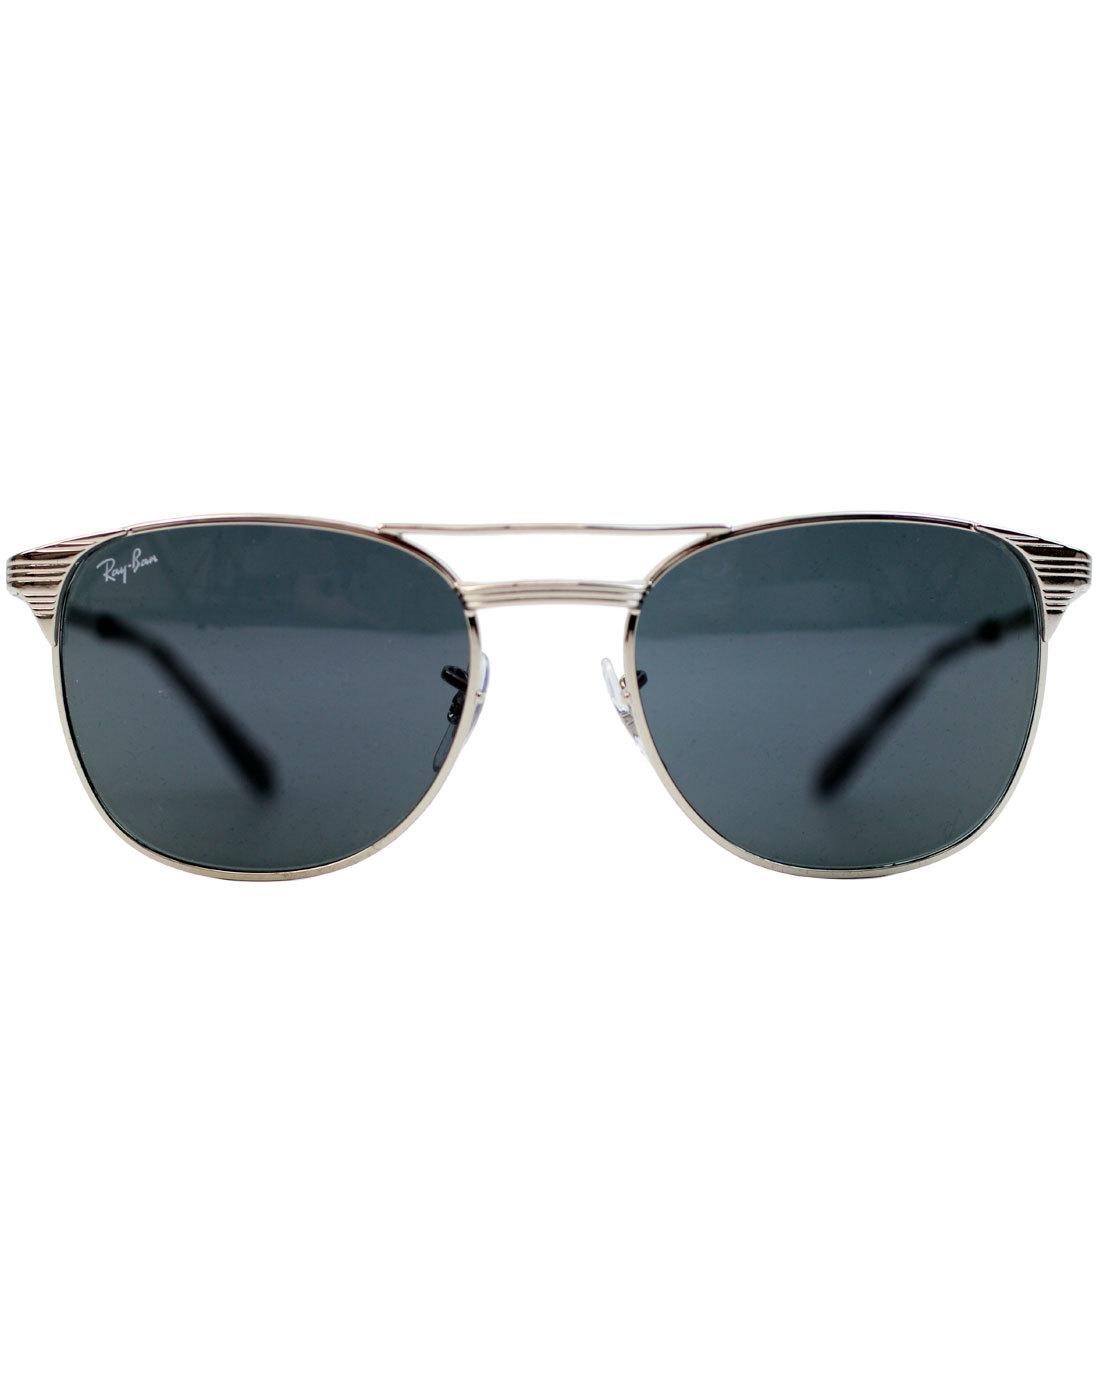 fa44cfaa61 RAY-BAN Signet Retro 50s Men s Icons Sunglasses in Silver Grey